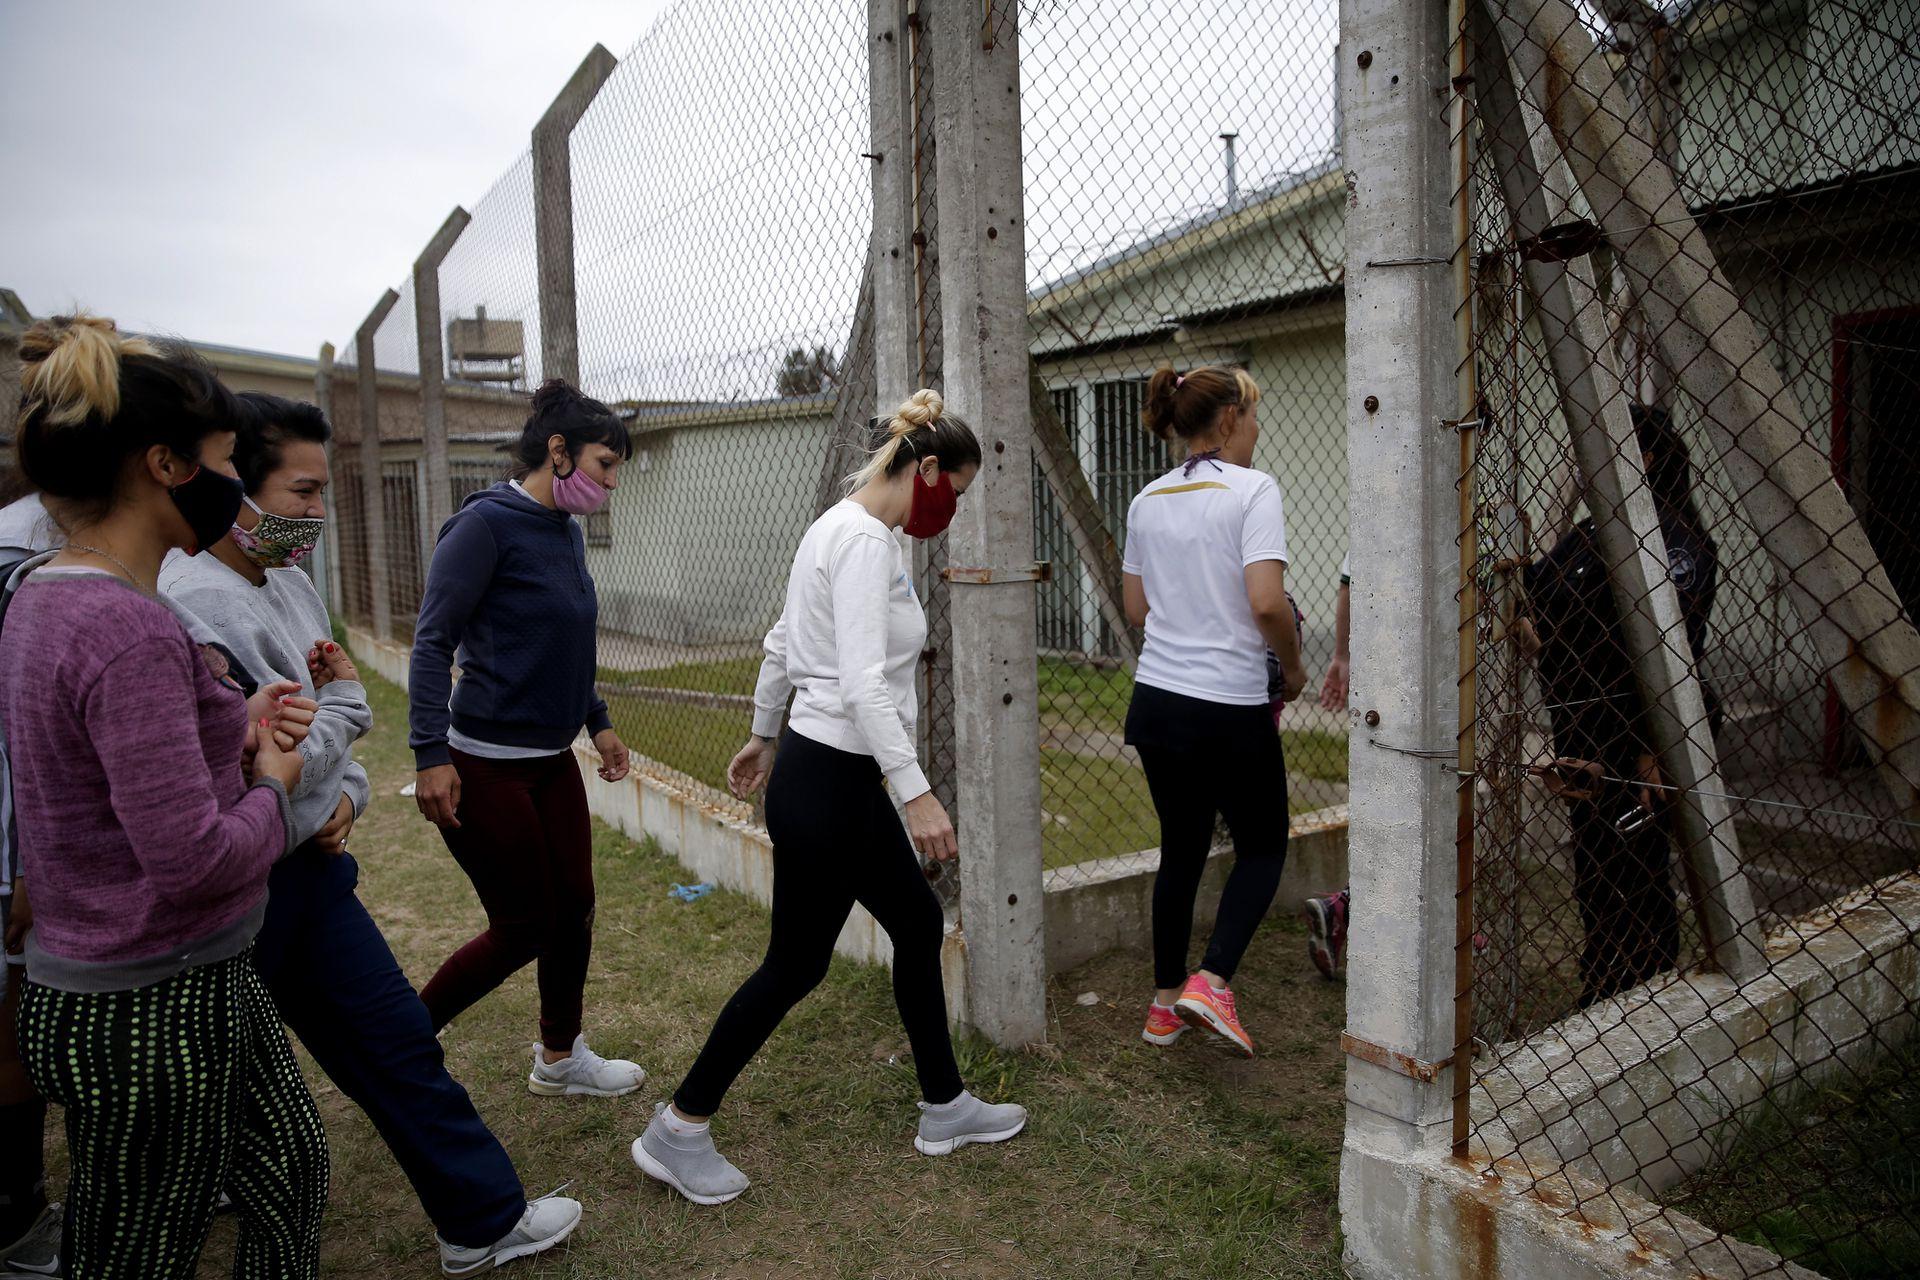 Unidad Penitenciaria 46 de San Martin. UP 46 de mujeres. Entrenamiento de Las Lobas, incipiente equipo de hockey de mujeres de la unidad penitenciaria.